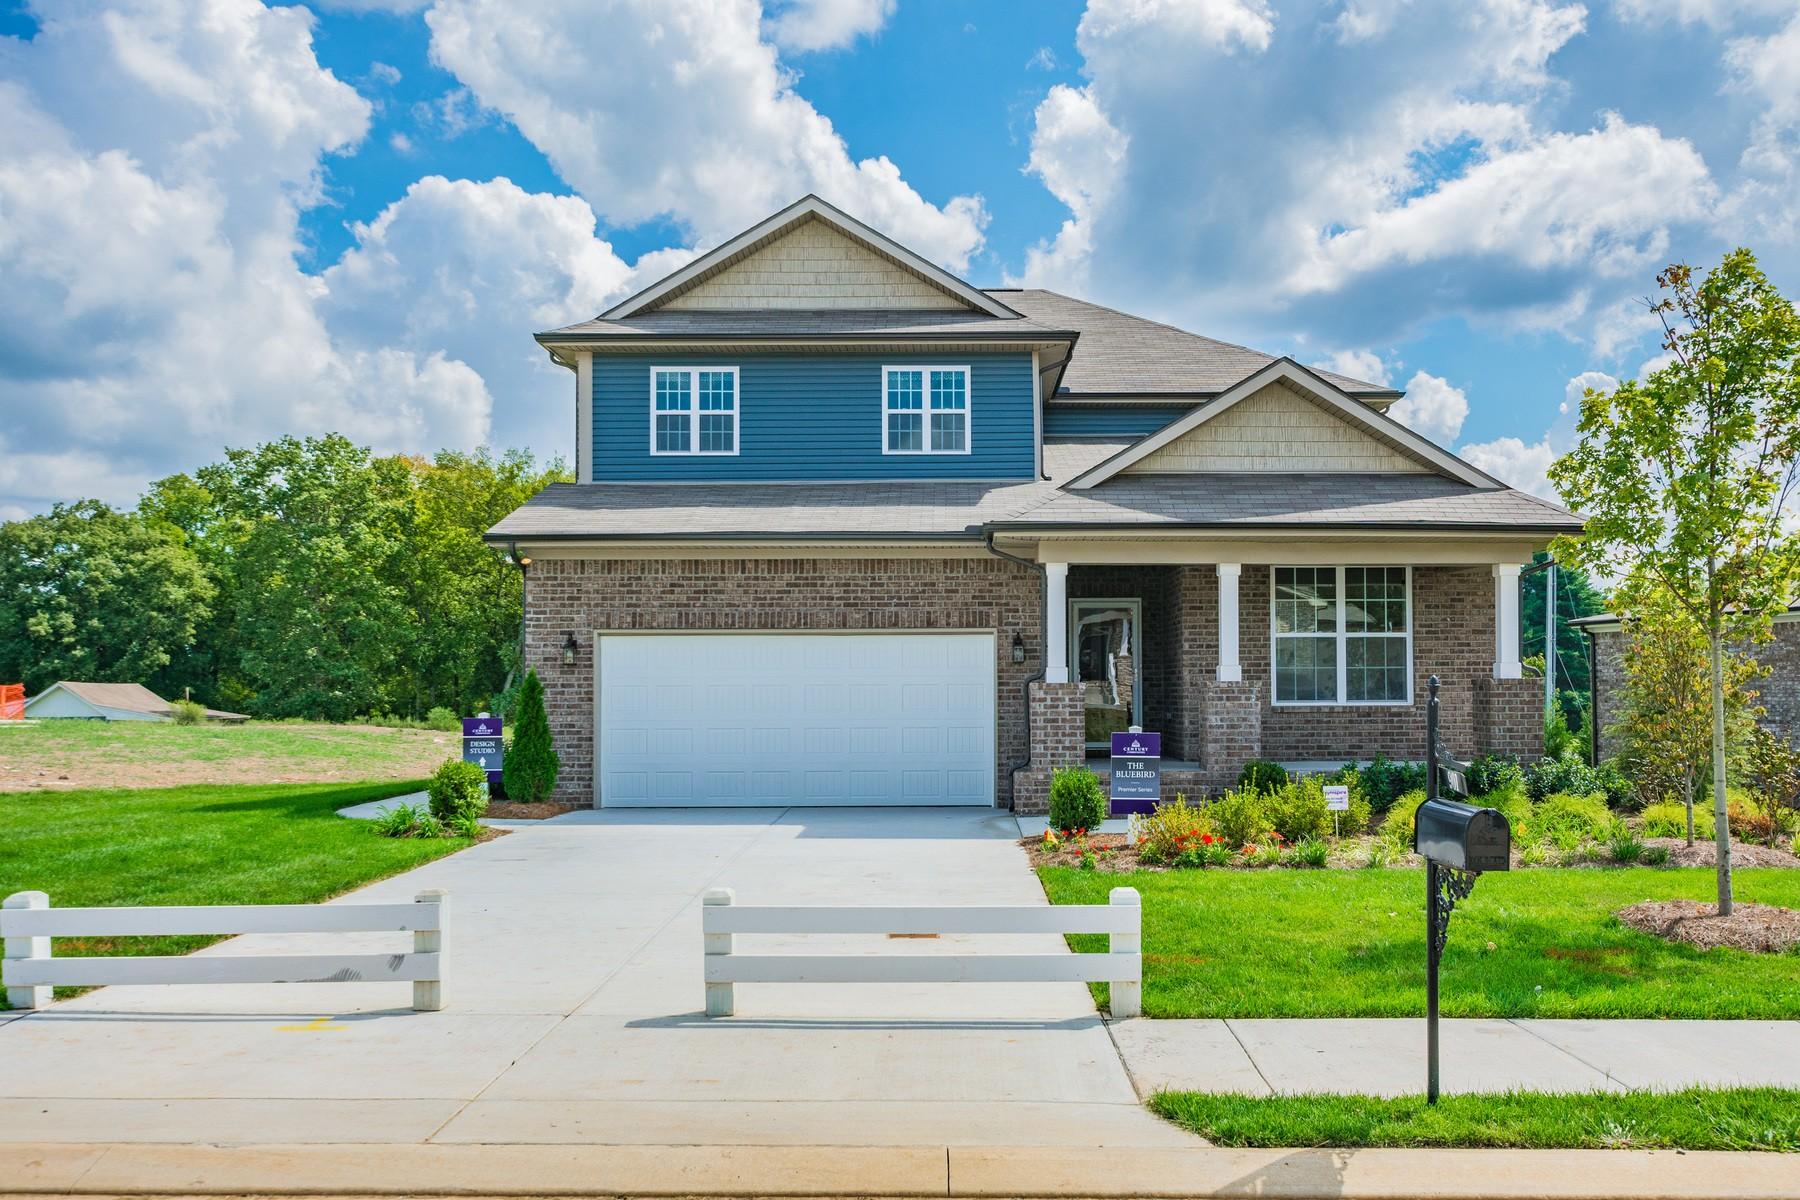 804 Carnation Drive Lot 123, Smyrna, TN 37167 - Smyrna, TN real estate listing